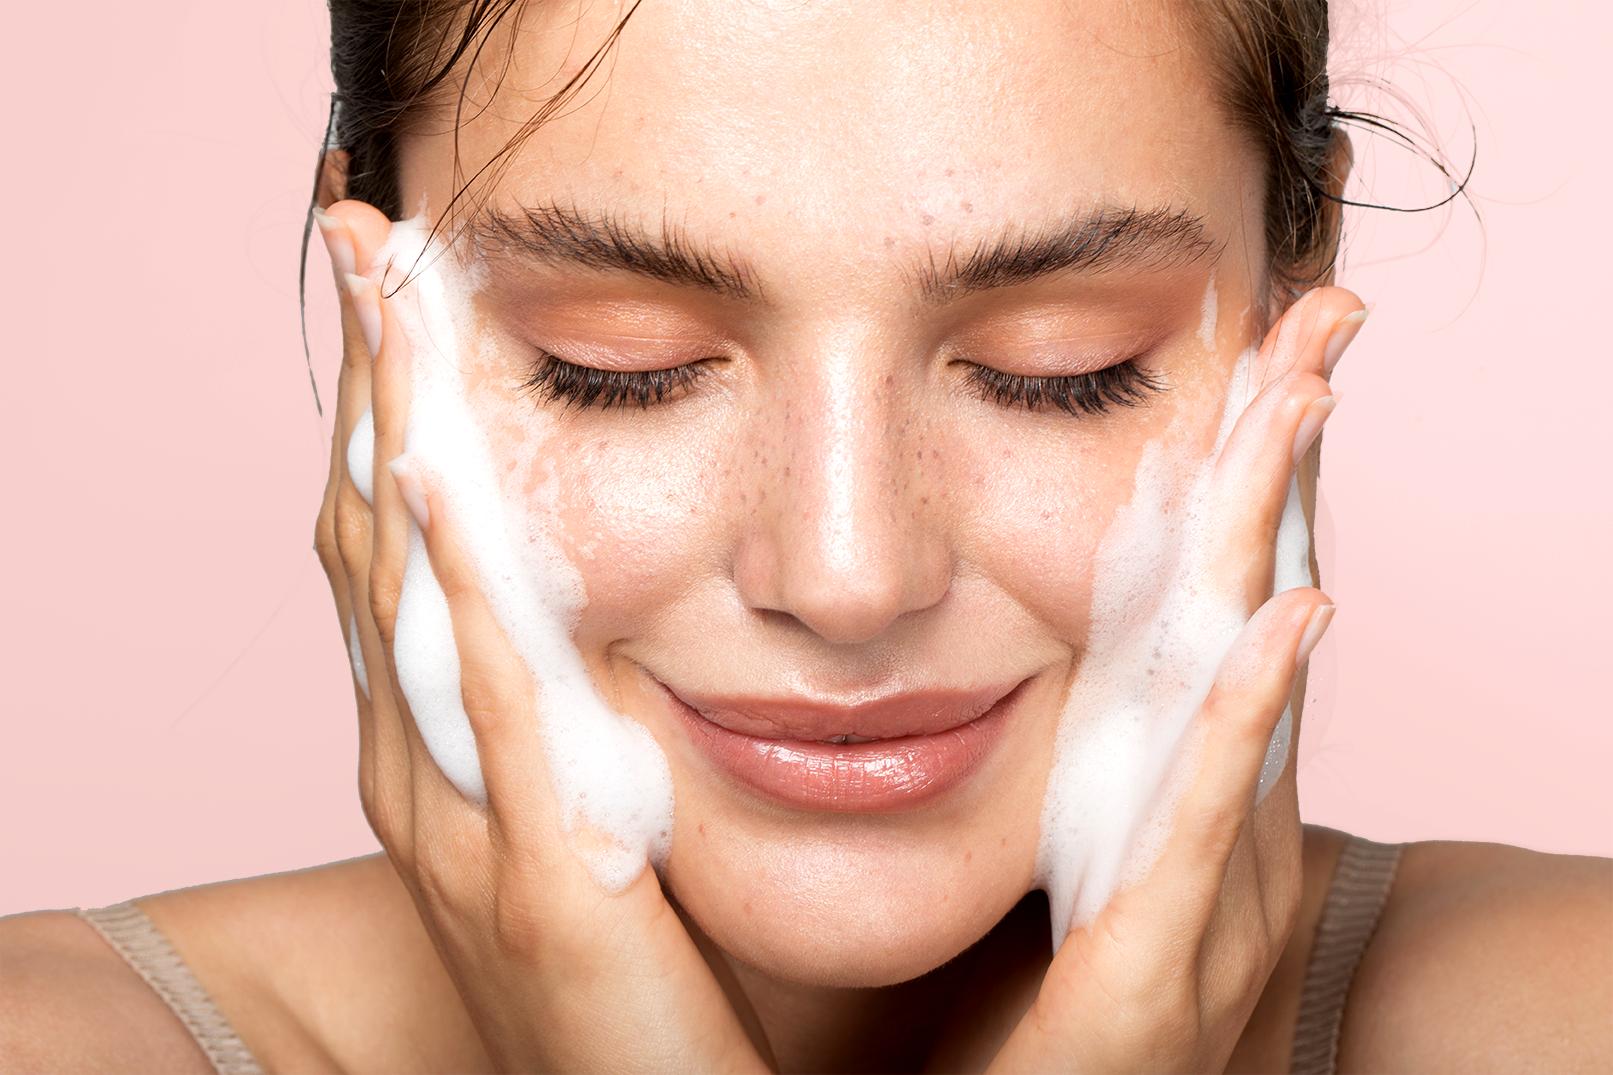 Λιπαρό δέρμα Φυσική Αντιμετώπιση: Θεραπείες για λιπαρό δέρμα που μπορείτε να δοκιμάσετε στο σπίτι [vid]